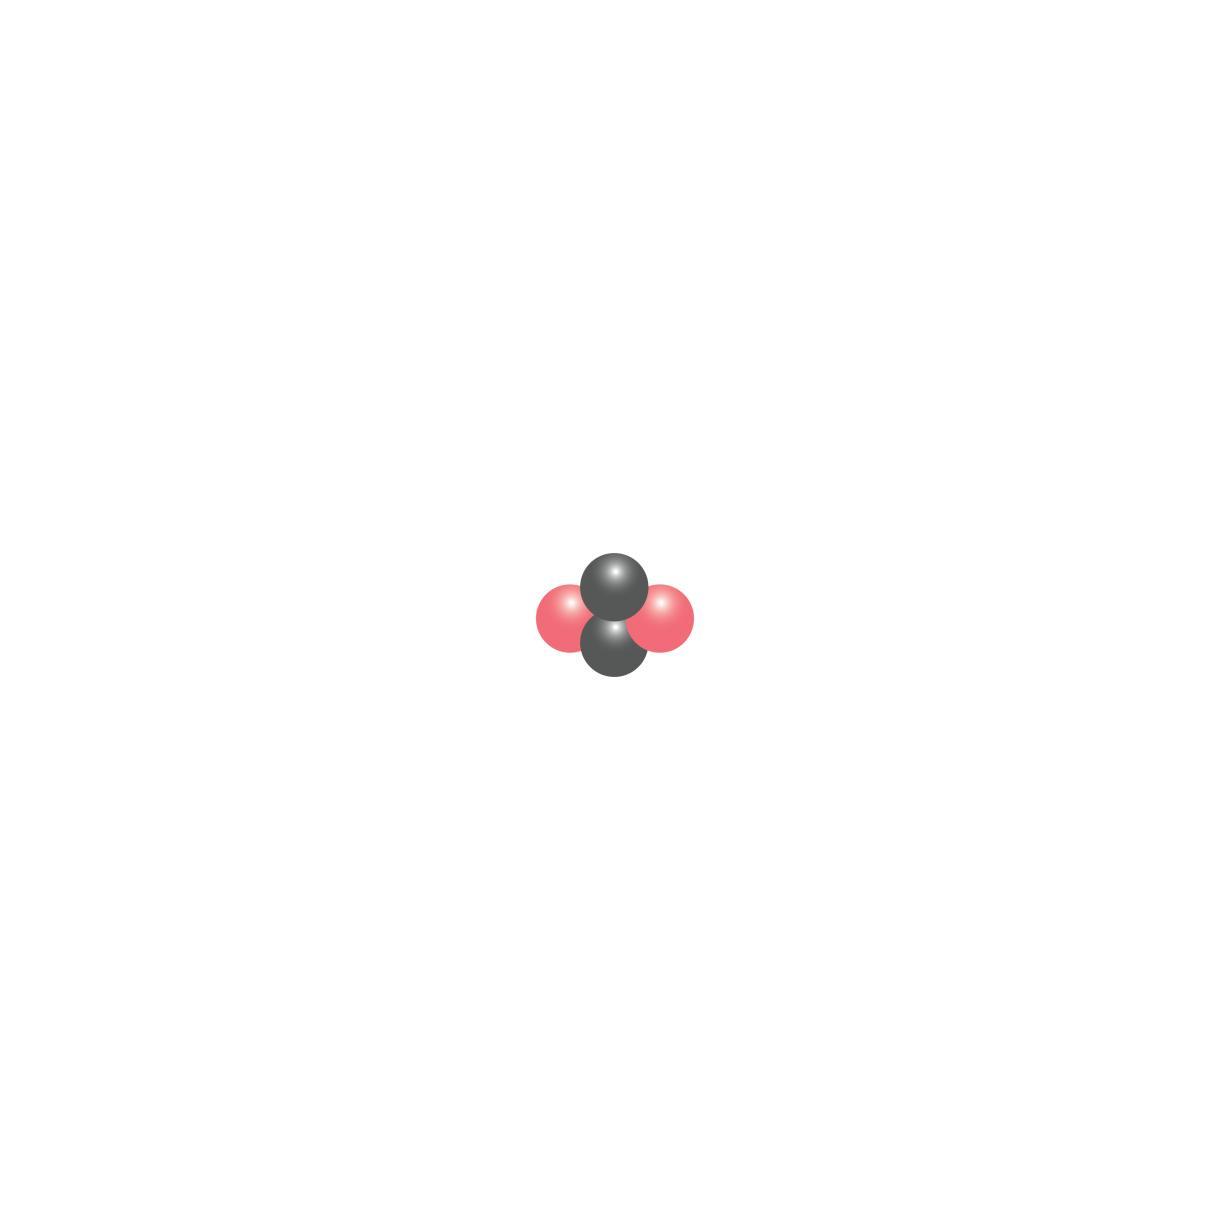 Scientific illustration  of a helium nucleus.